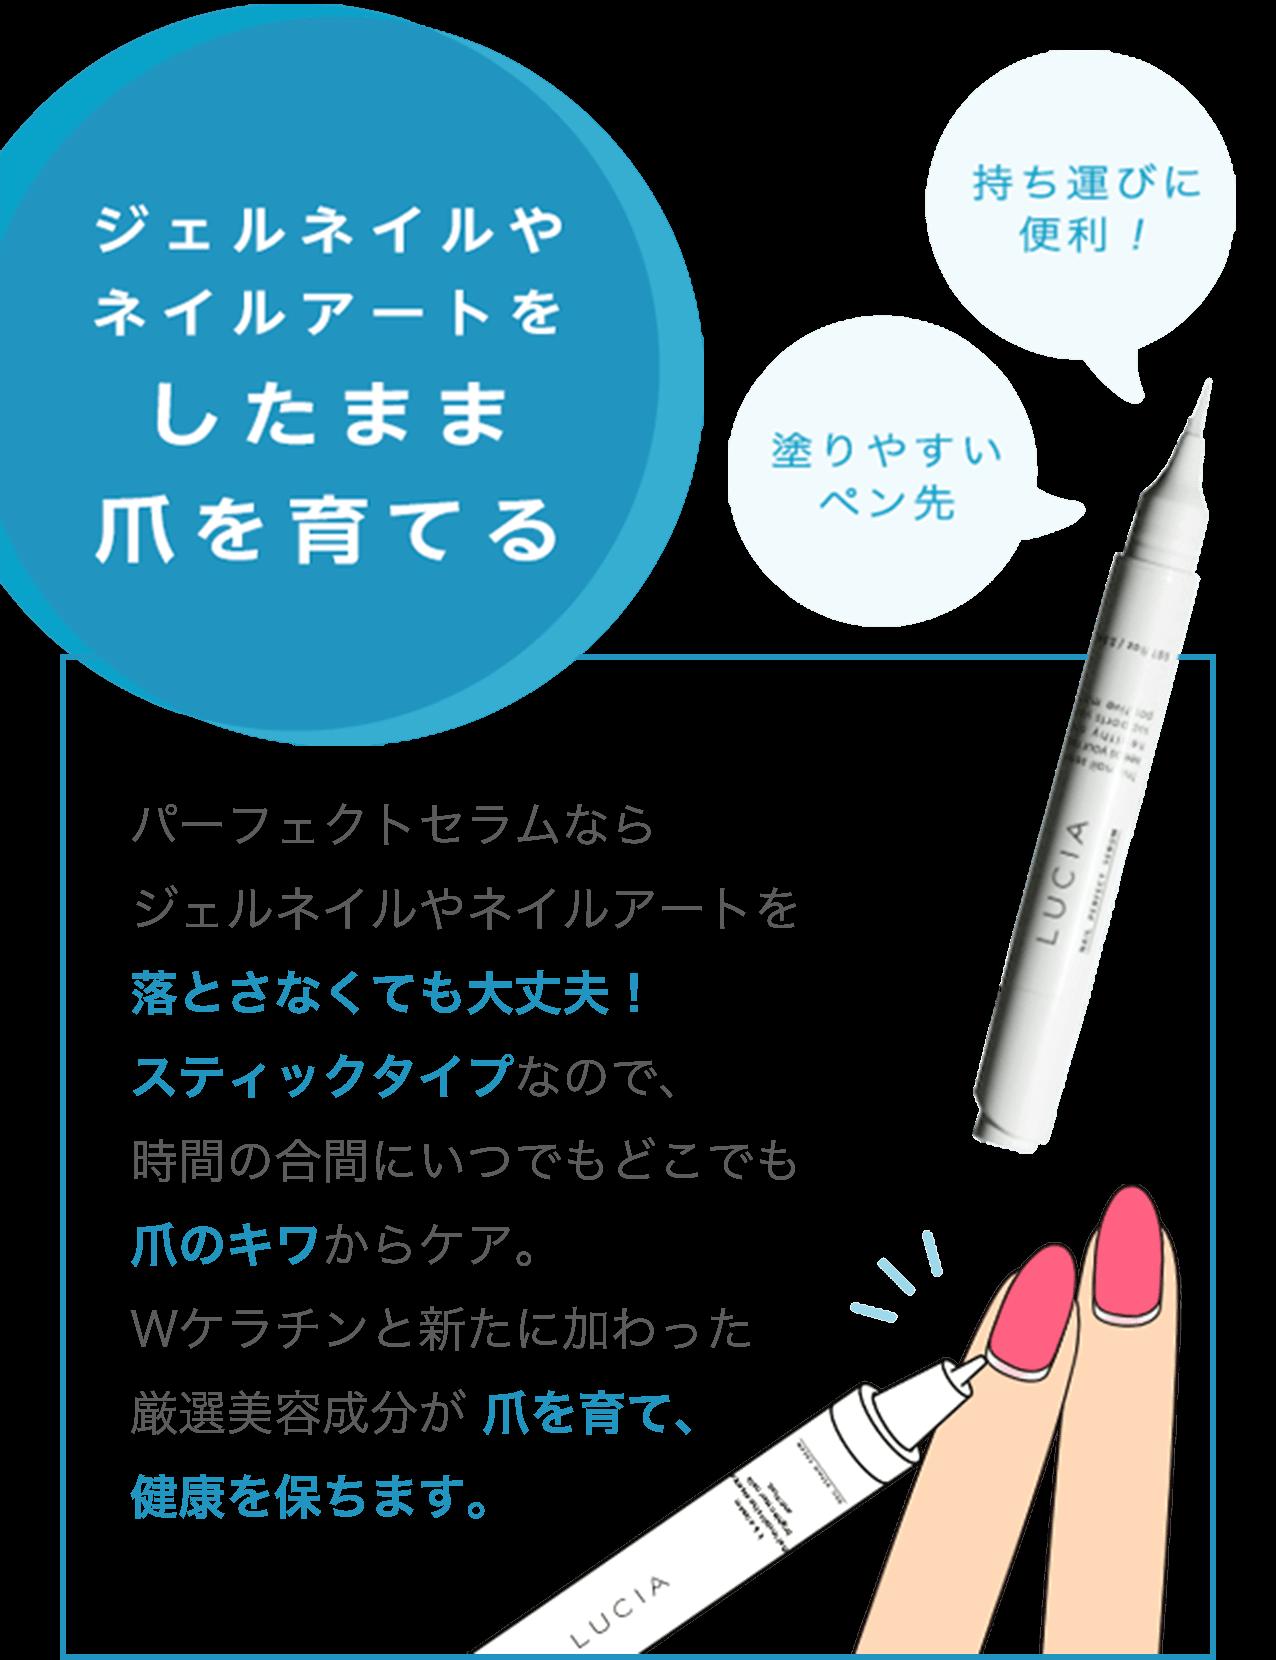 ジェルネイルやネイルアートをしたまま爪を育てる         「塗りやすいペン先」「持ち運びに便利!」         パーフェクトセラムならジェルネイルやネイルアートを落とさなくても大丈夫!スティックタイプなので、時間の合間にいつでもどこでも爪のキワからケア。Wケラチンと新たに加わった厳選美容成分が 爪を育て、健康を保ちます。